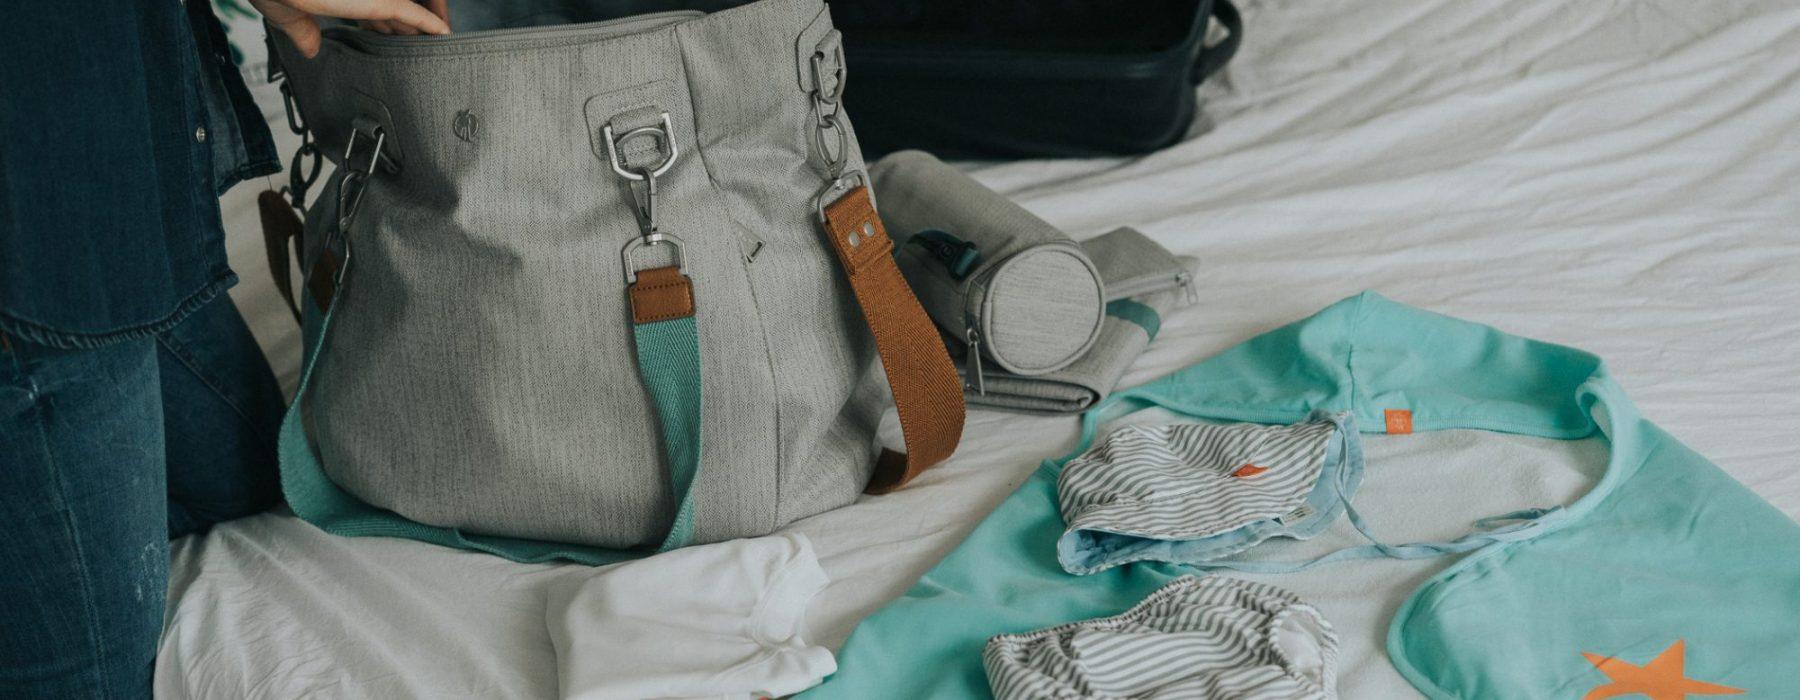 Staśkowe love: Lassig. Świetne torby dla mamy i cudne akcesoria dla dziecka